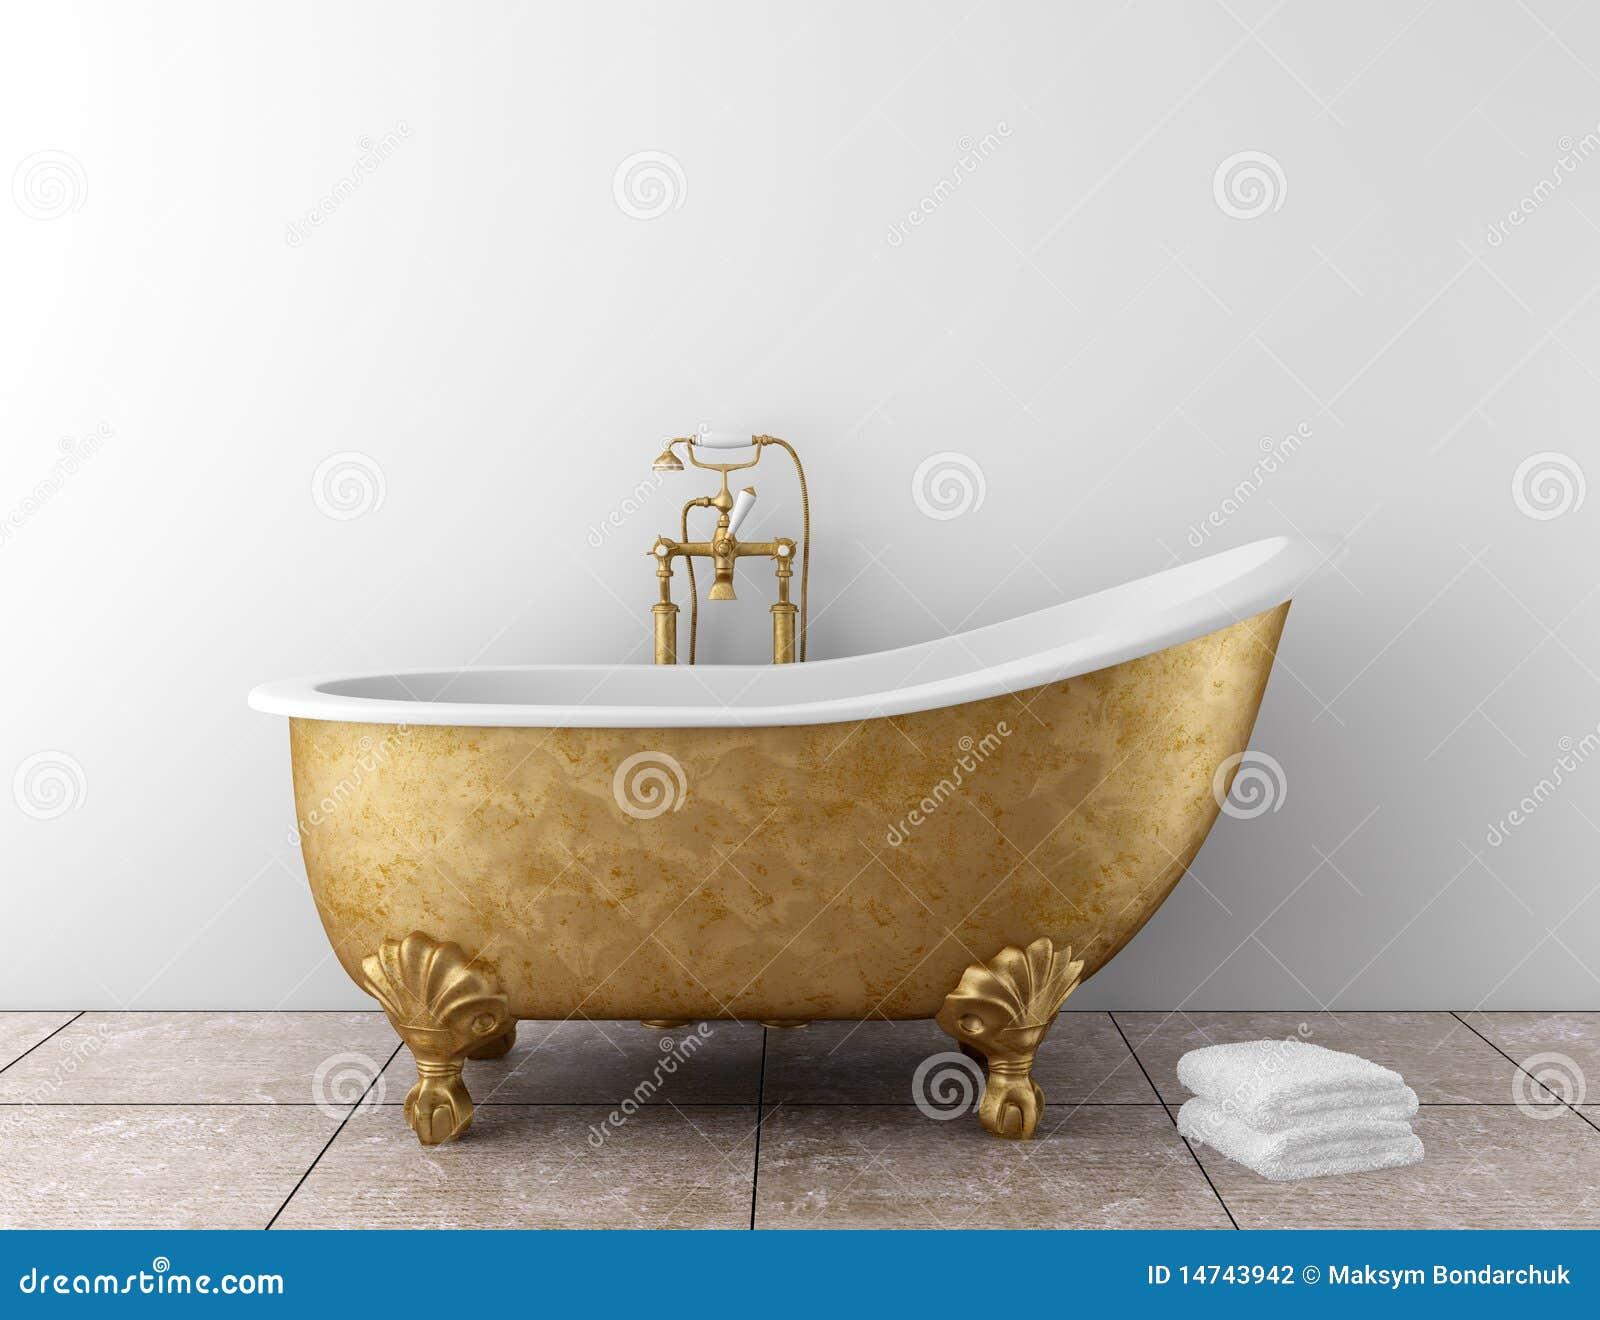 Klassieke badkamers met oude badkuip stock fotografie afbeelding 14743942 - Badkamers ...